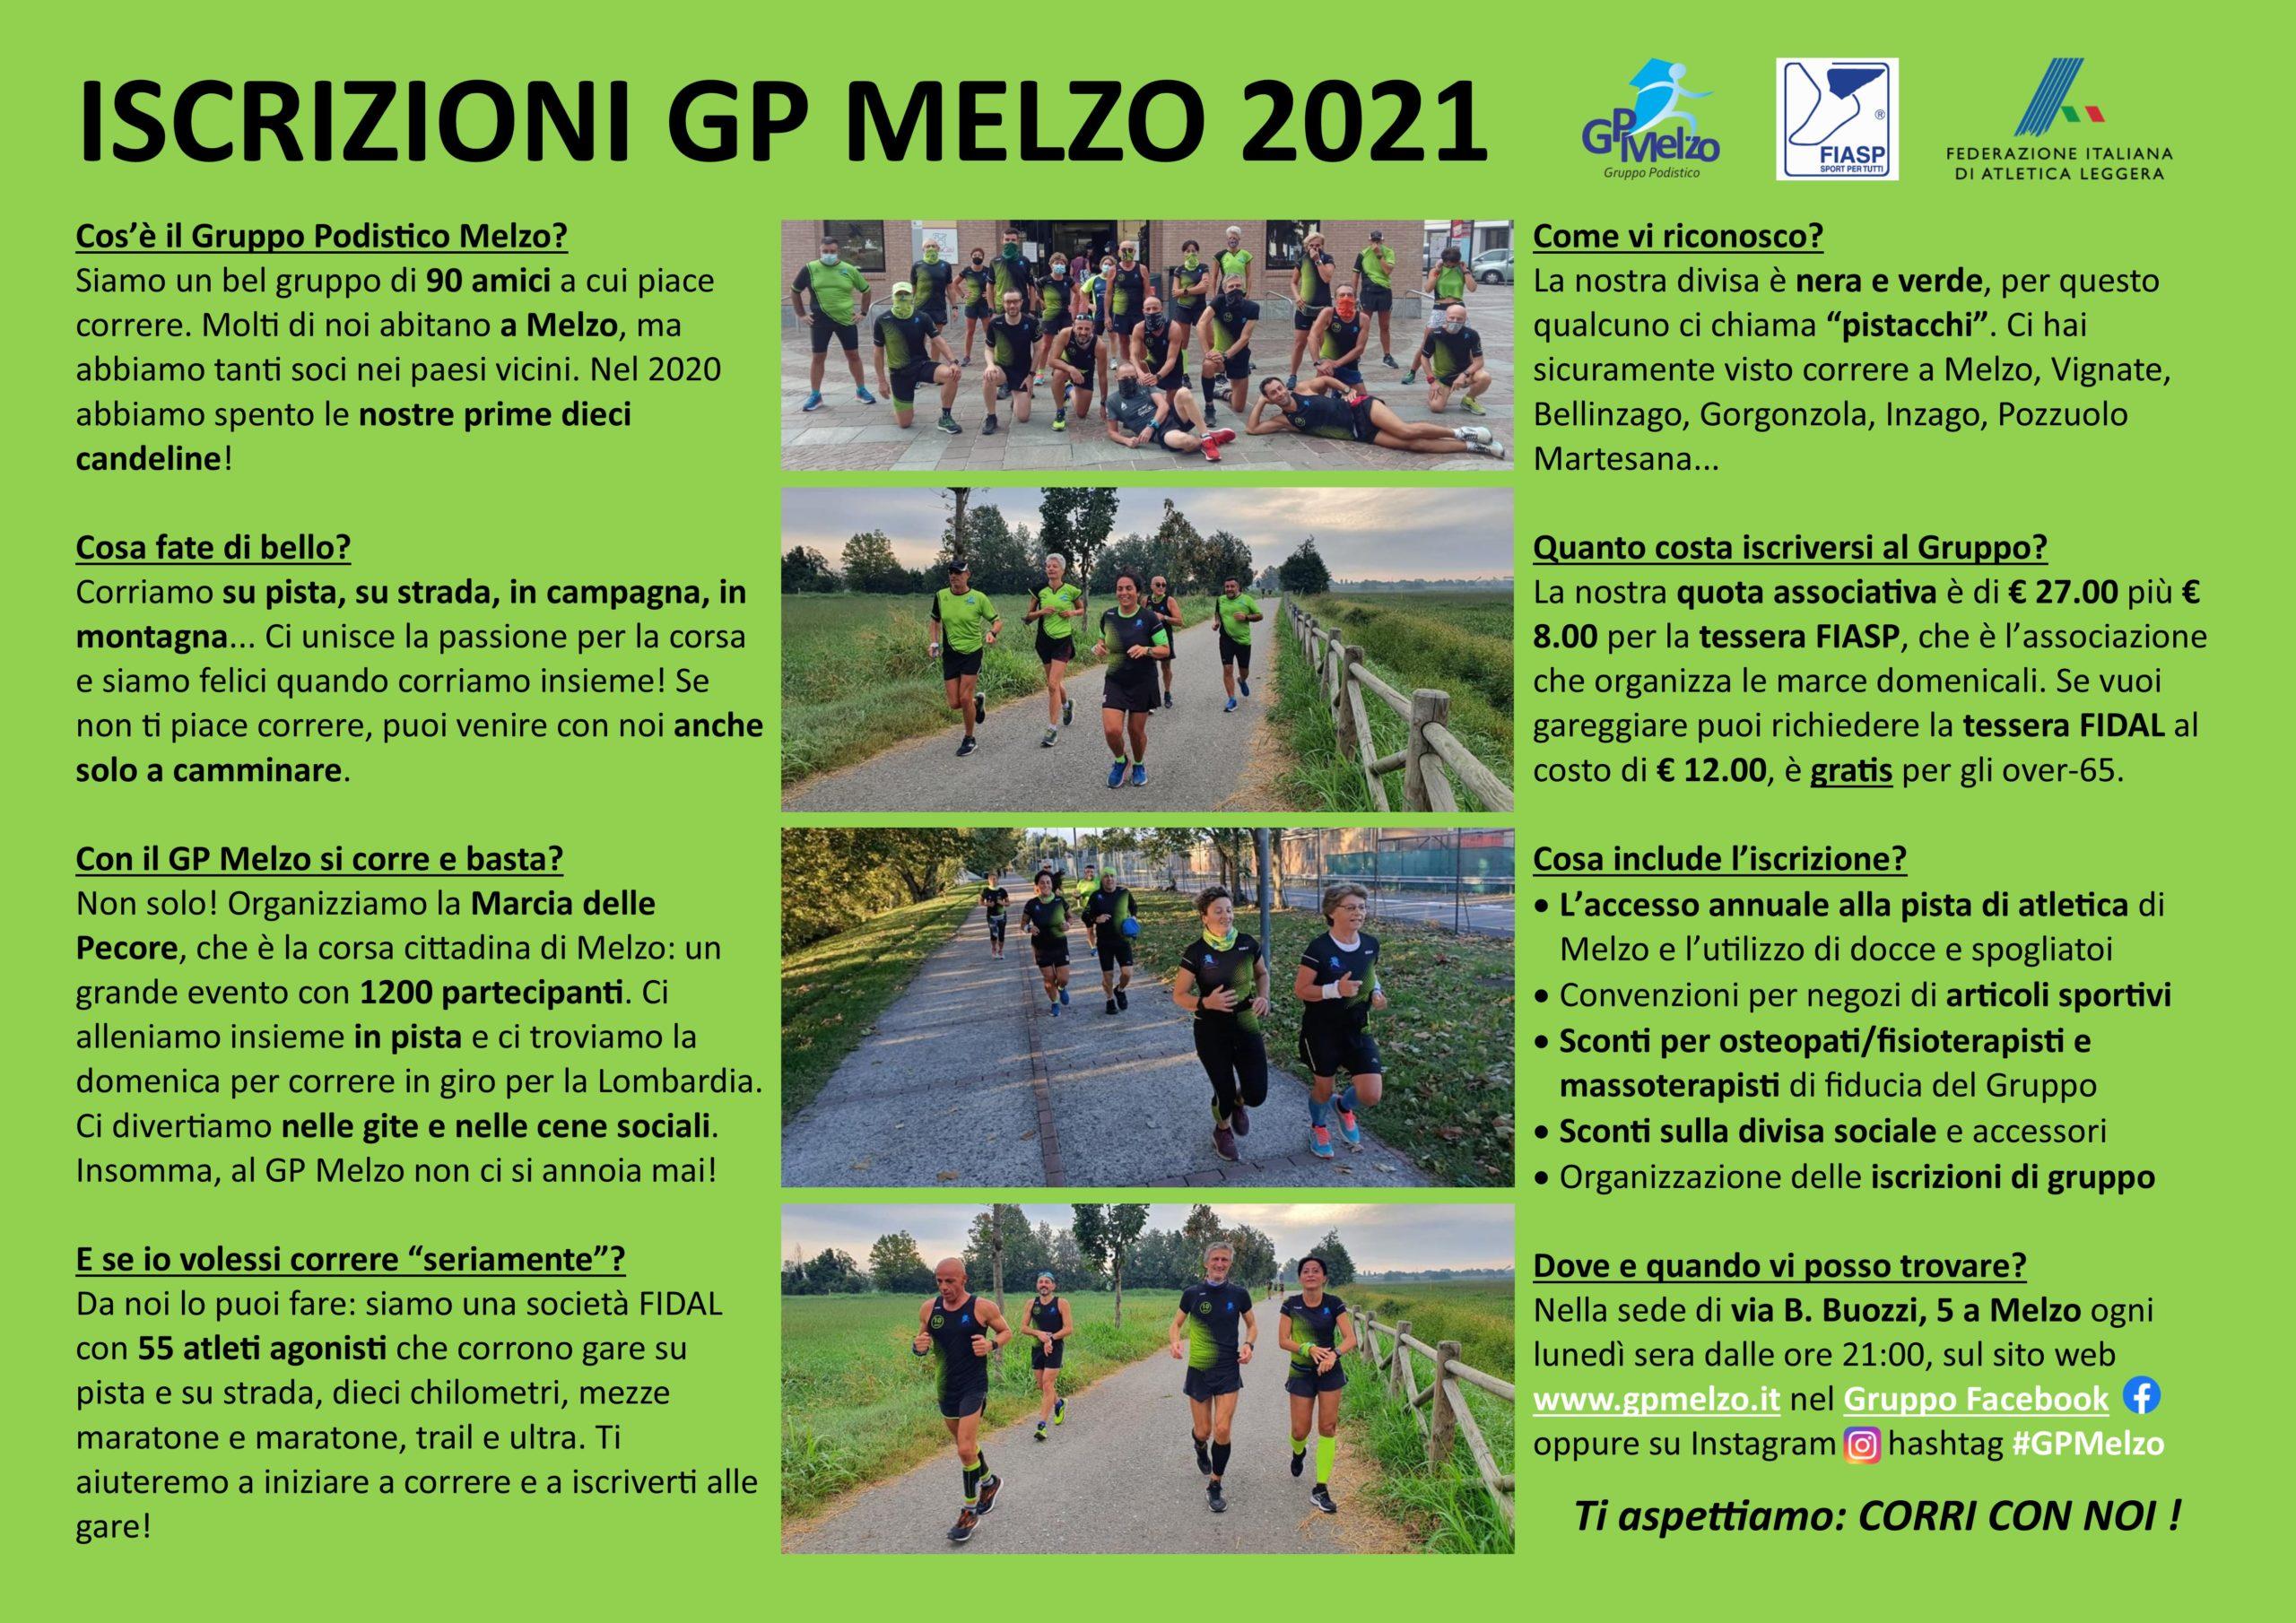 Iscrizioni GP Melzo 2021